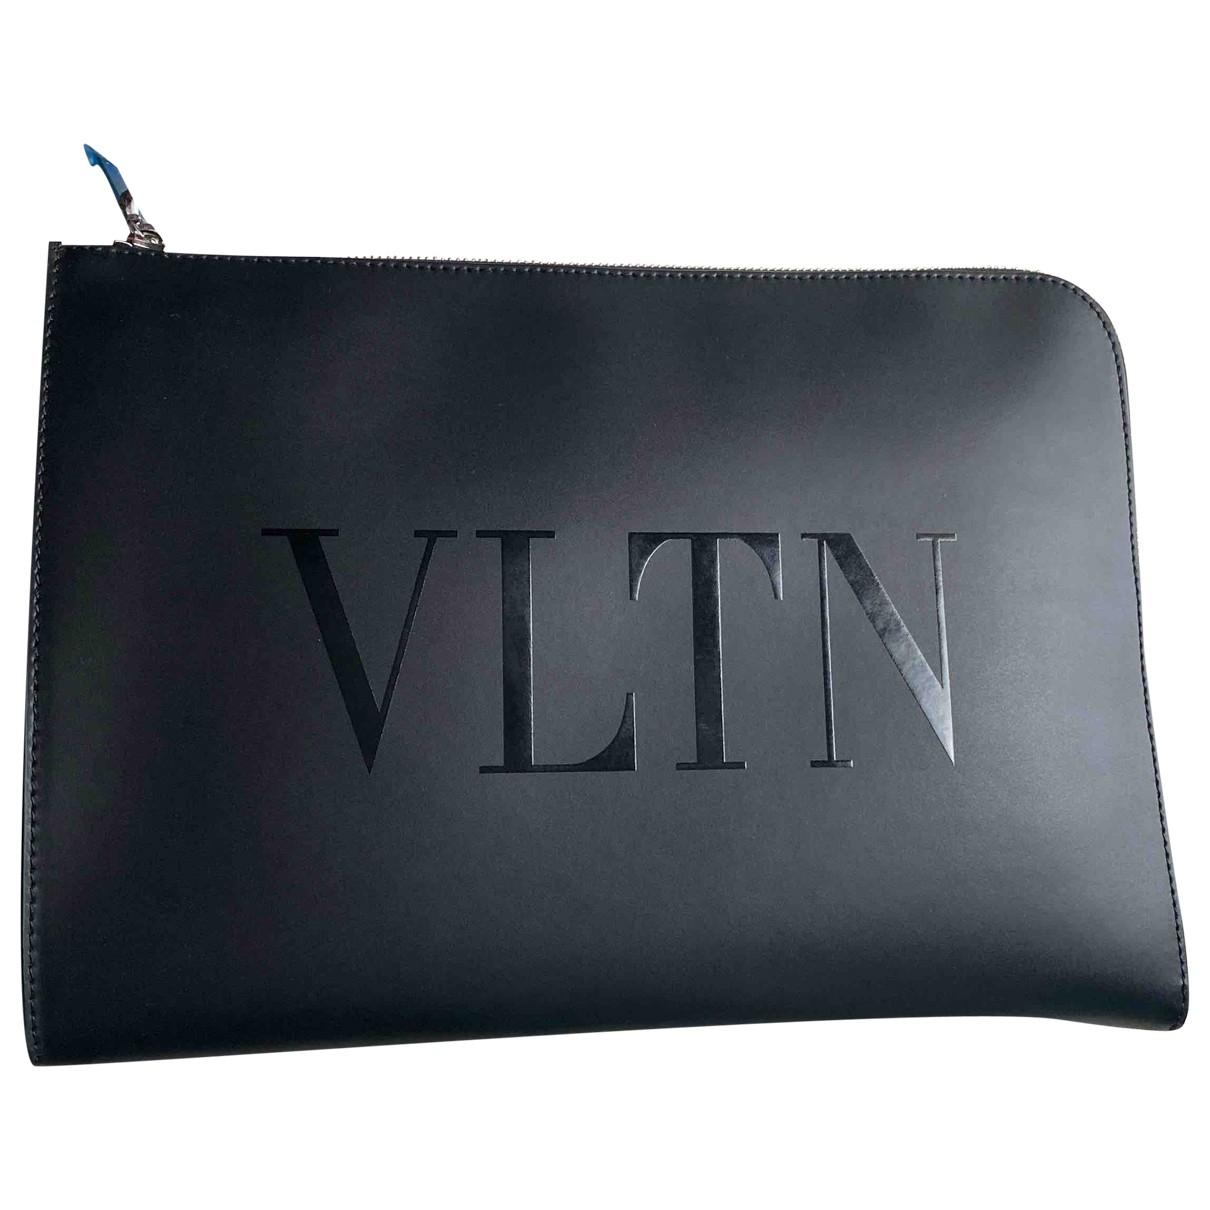 Valentino Garavani - Petite maroquinerie   pour homme en cuir - noir